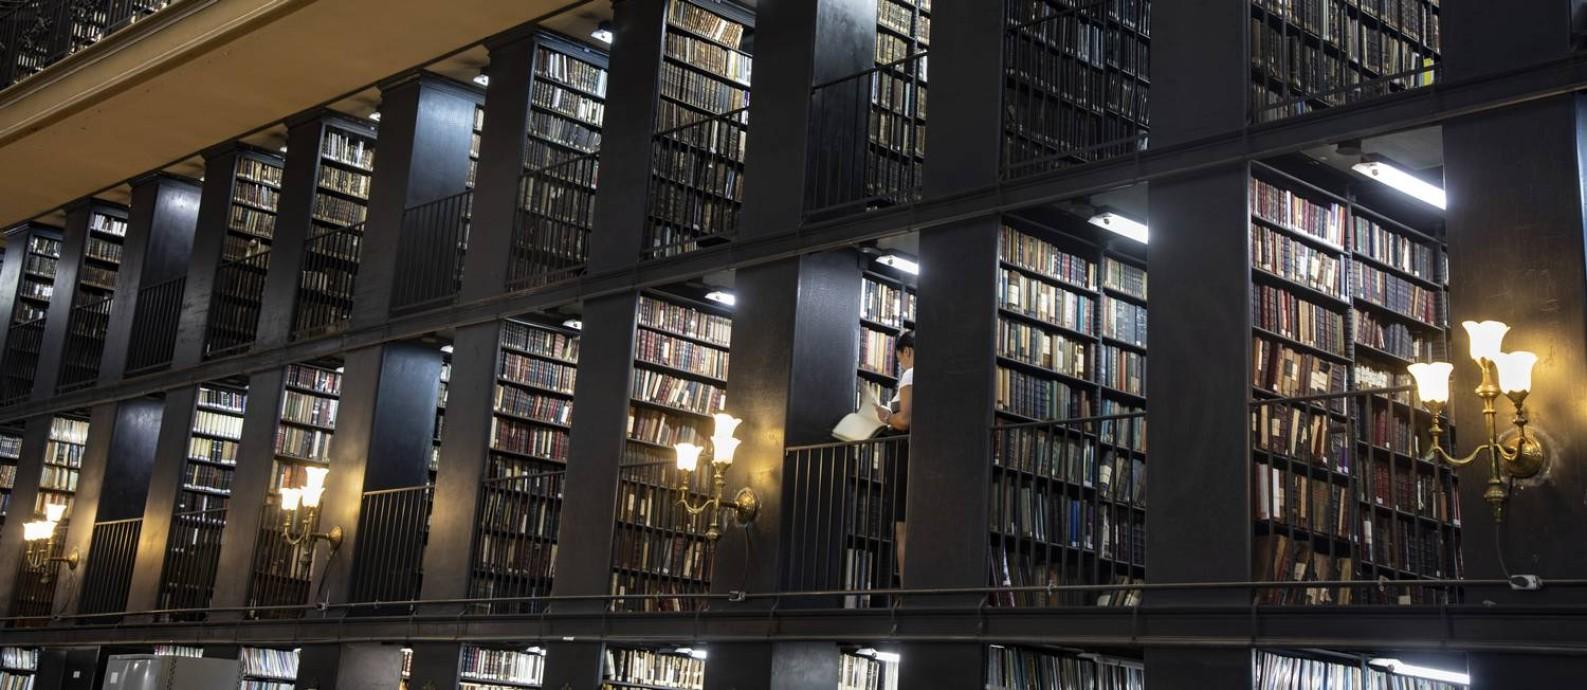 Biblioteca Nacional digitalizou menos de um quarto do seu acervo de 9 milhões de documentos Foto: Ana Branco / Agência O Globo